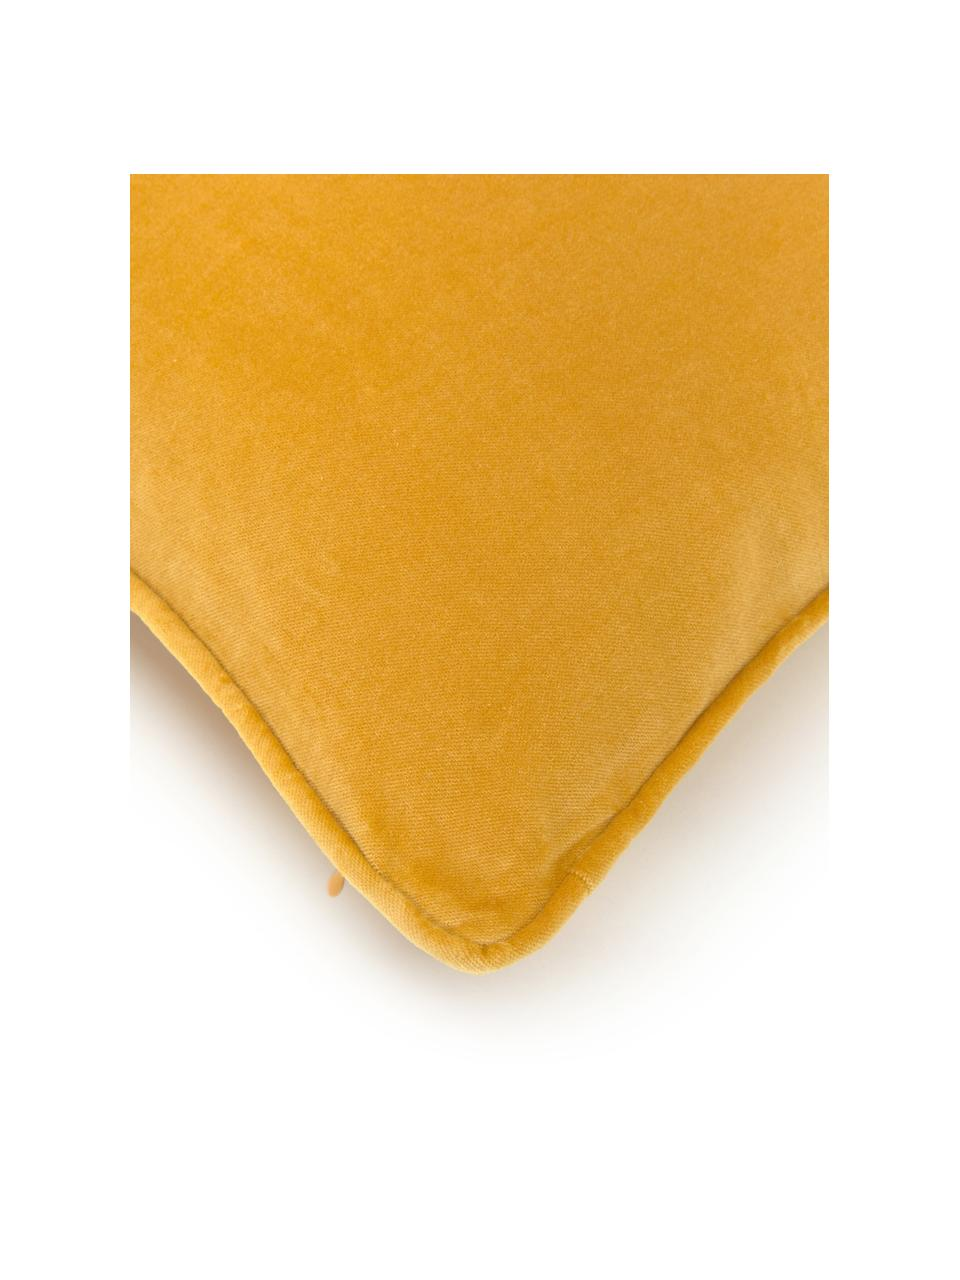 Effen fluwelen kussenhoes Dana in okergeel, 100% katoenfluweel, Okergeel, 30 x 50 cm